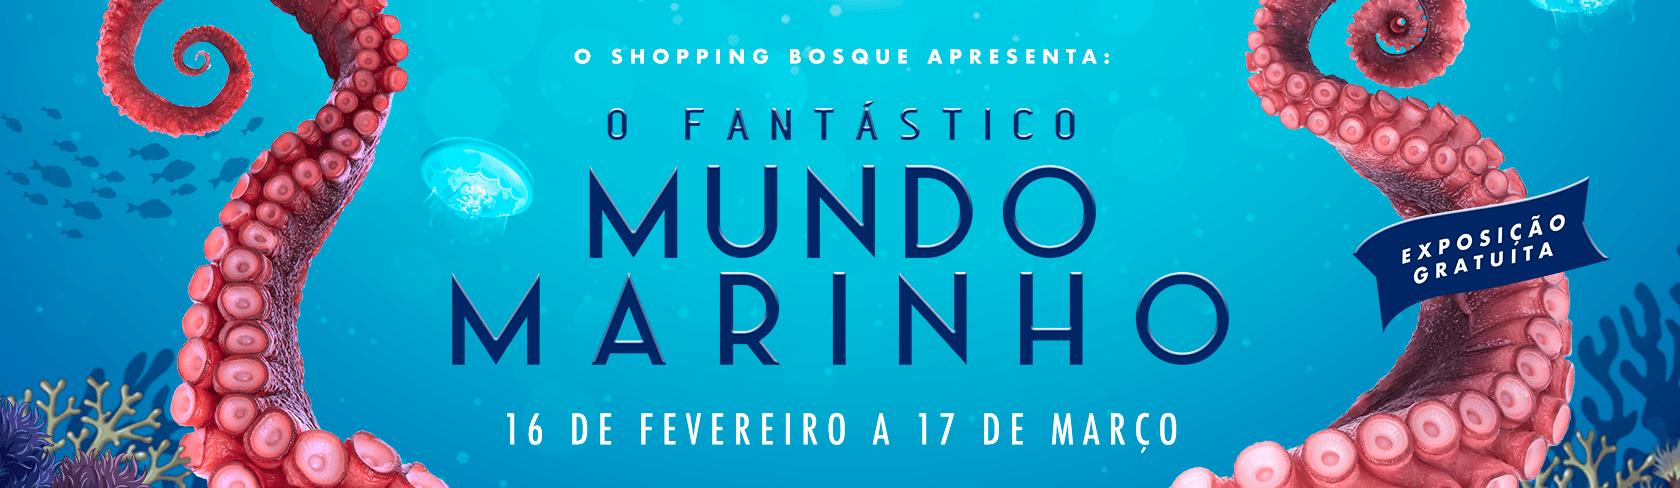 Um Fantástico Mundo Marinho no Shopping Bosque Grão-Pará